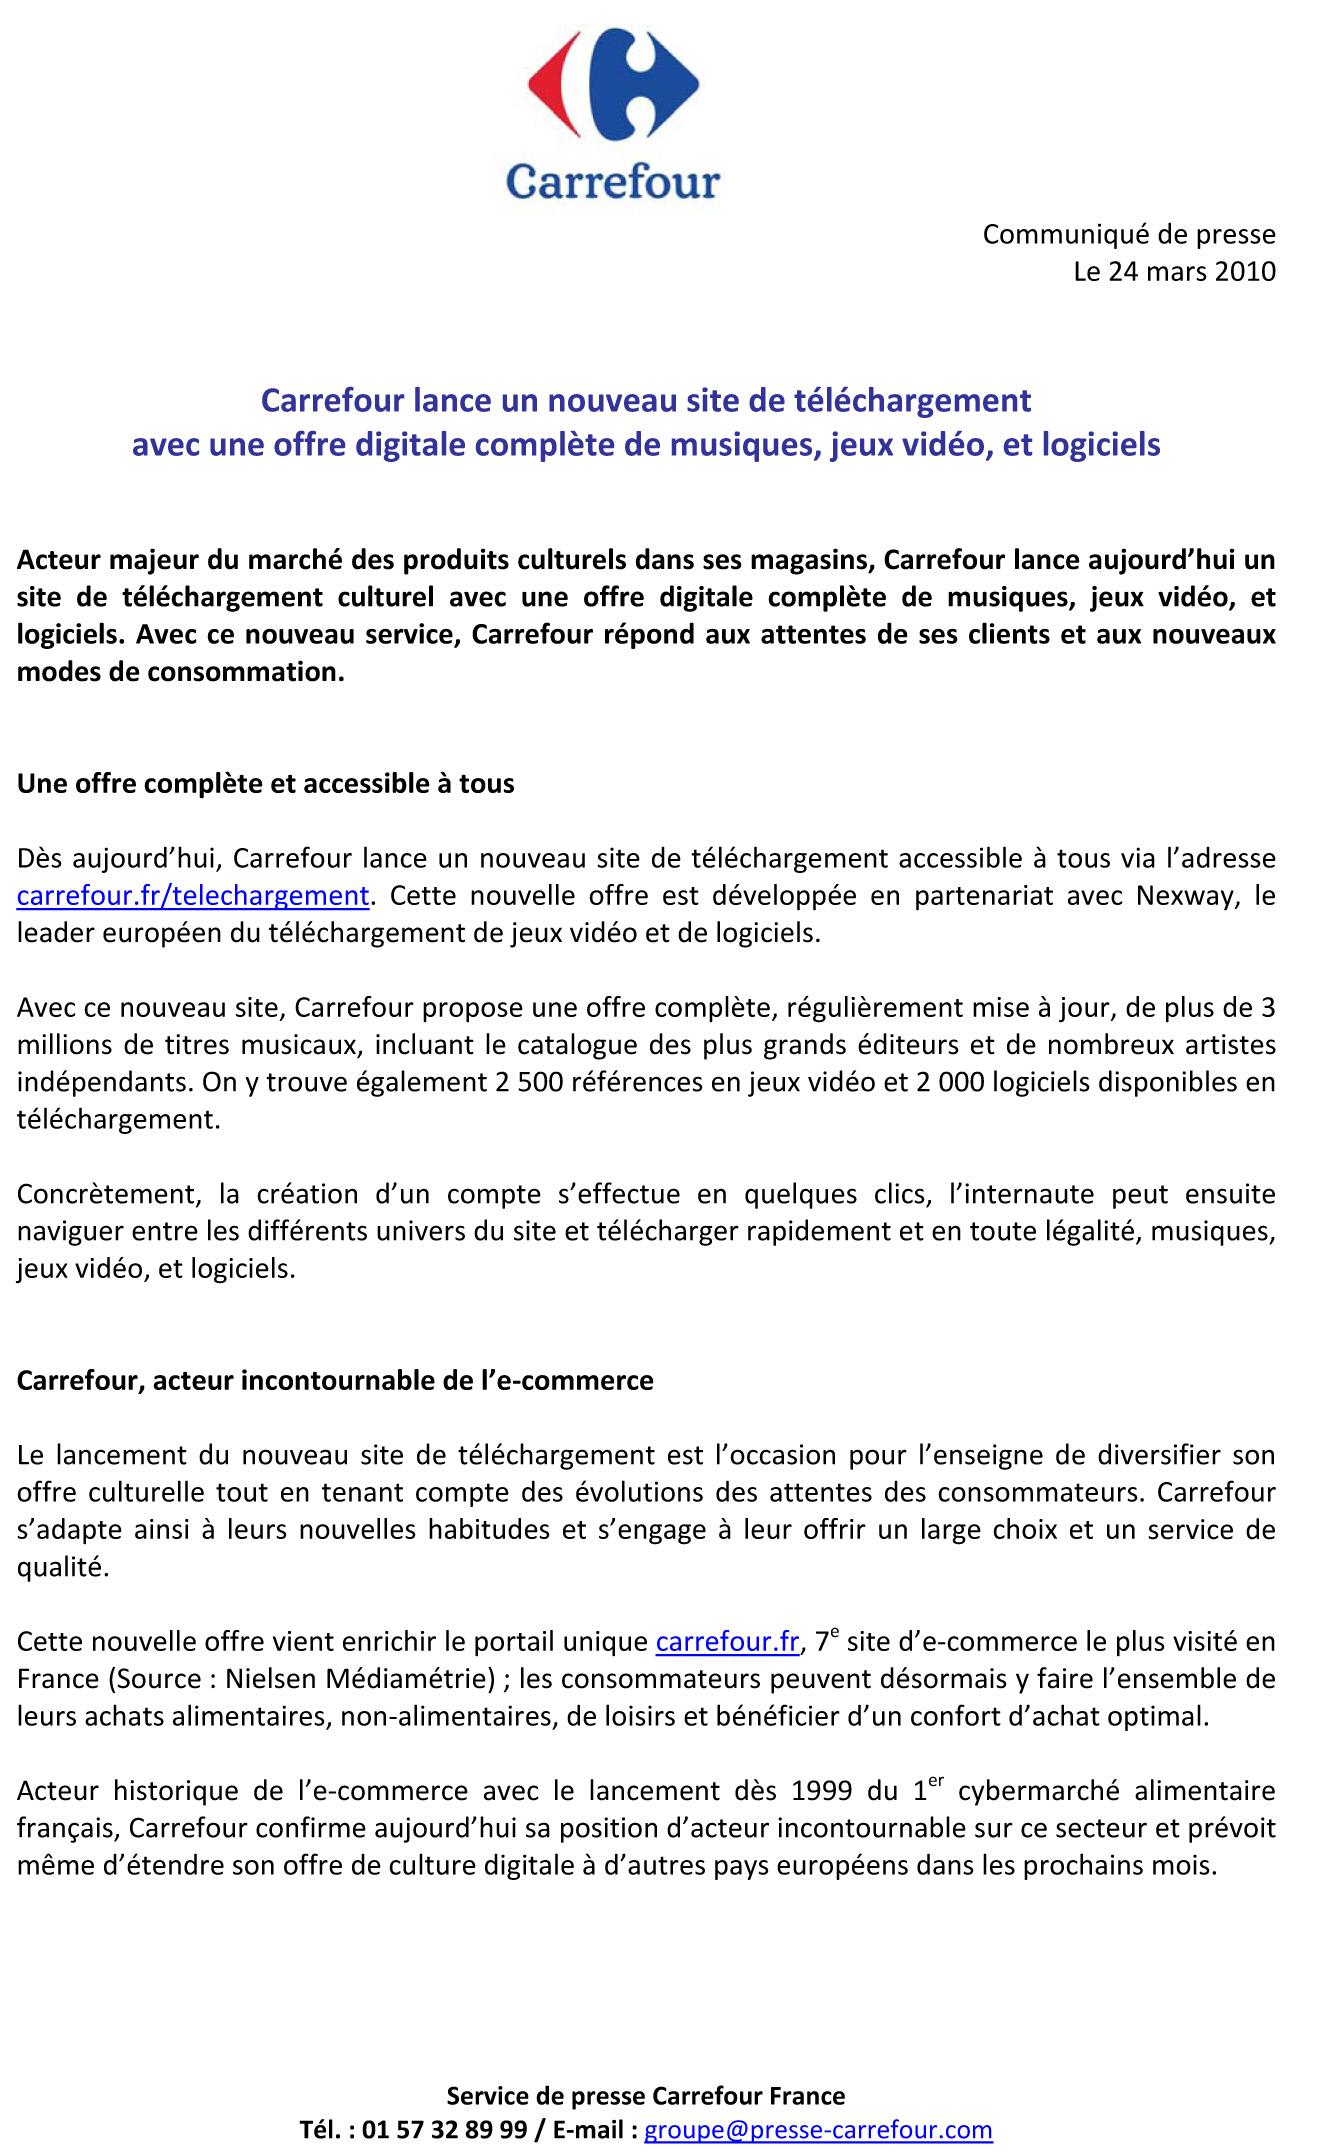 Carrefour préfigure le futur de l'hyper